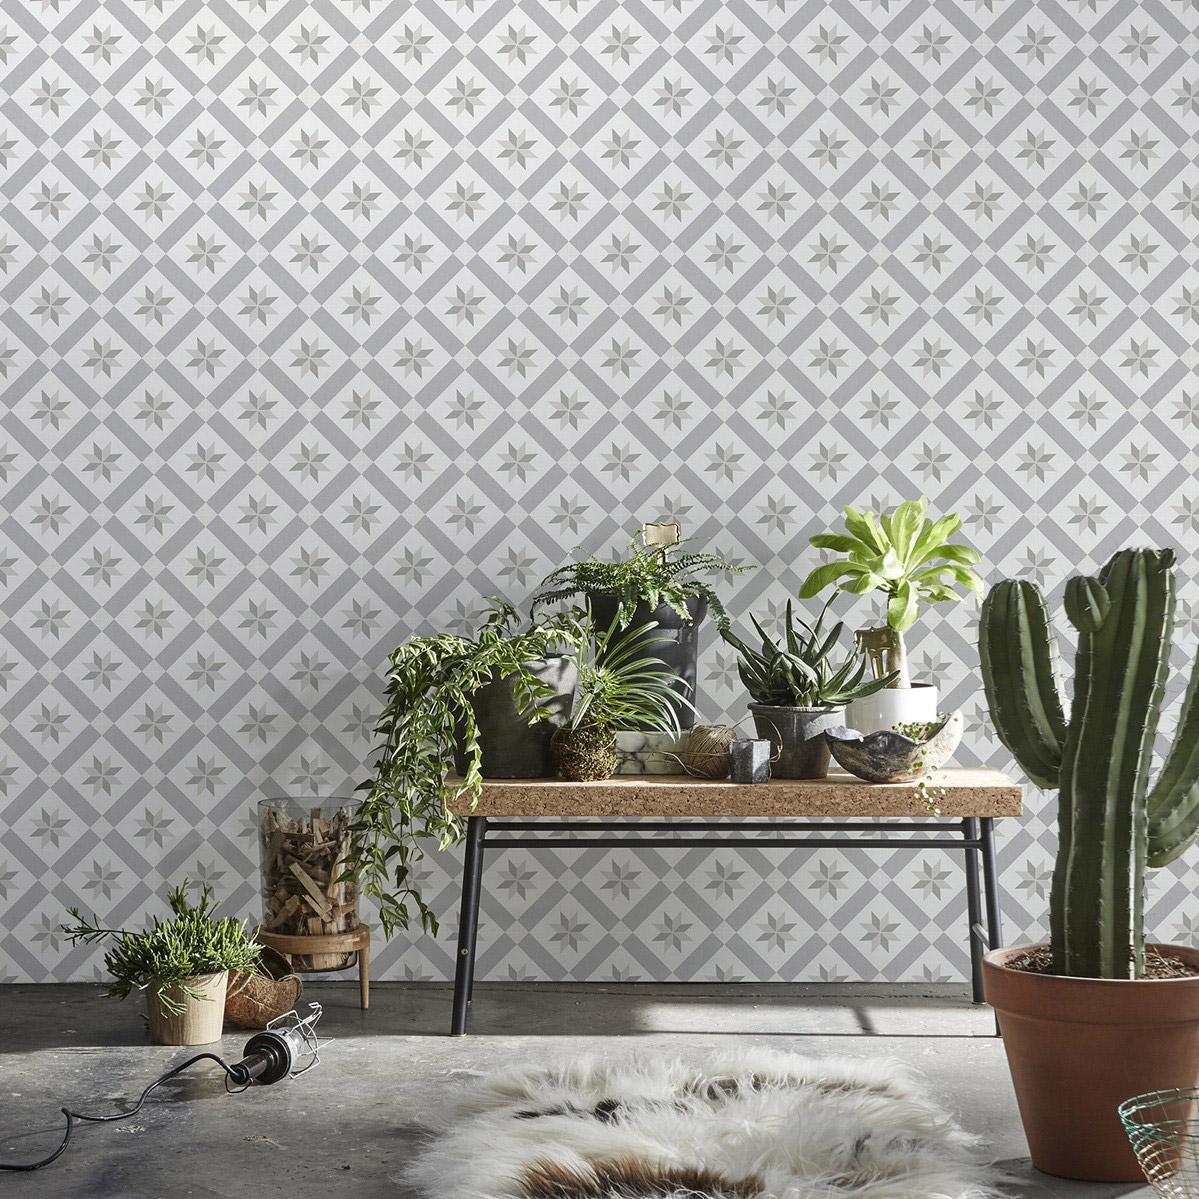 Tapisserie Carreaux De Ciment papier peint intissé carreaux de ciment gris